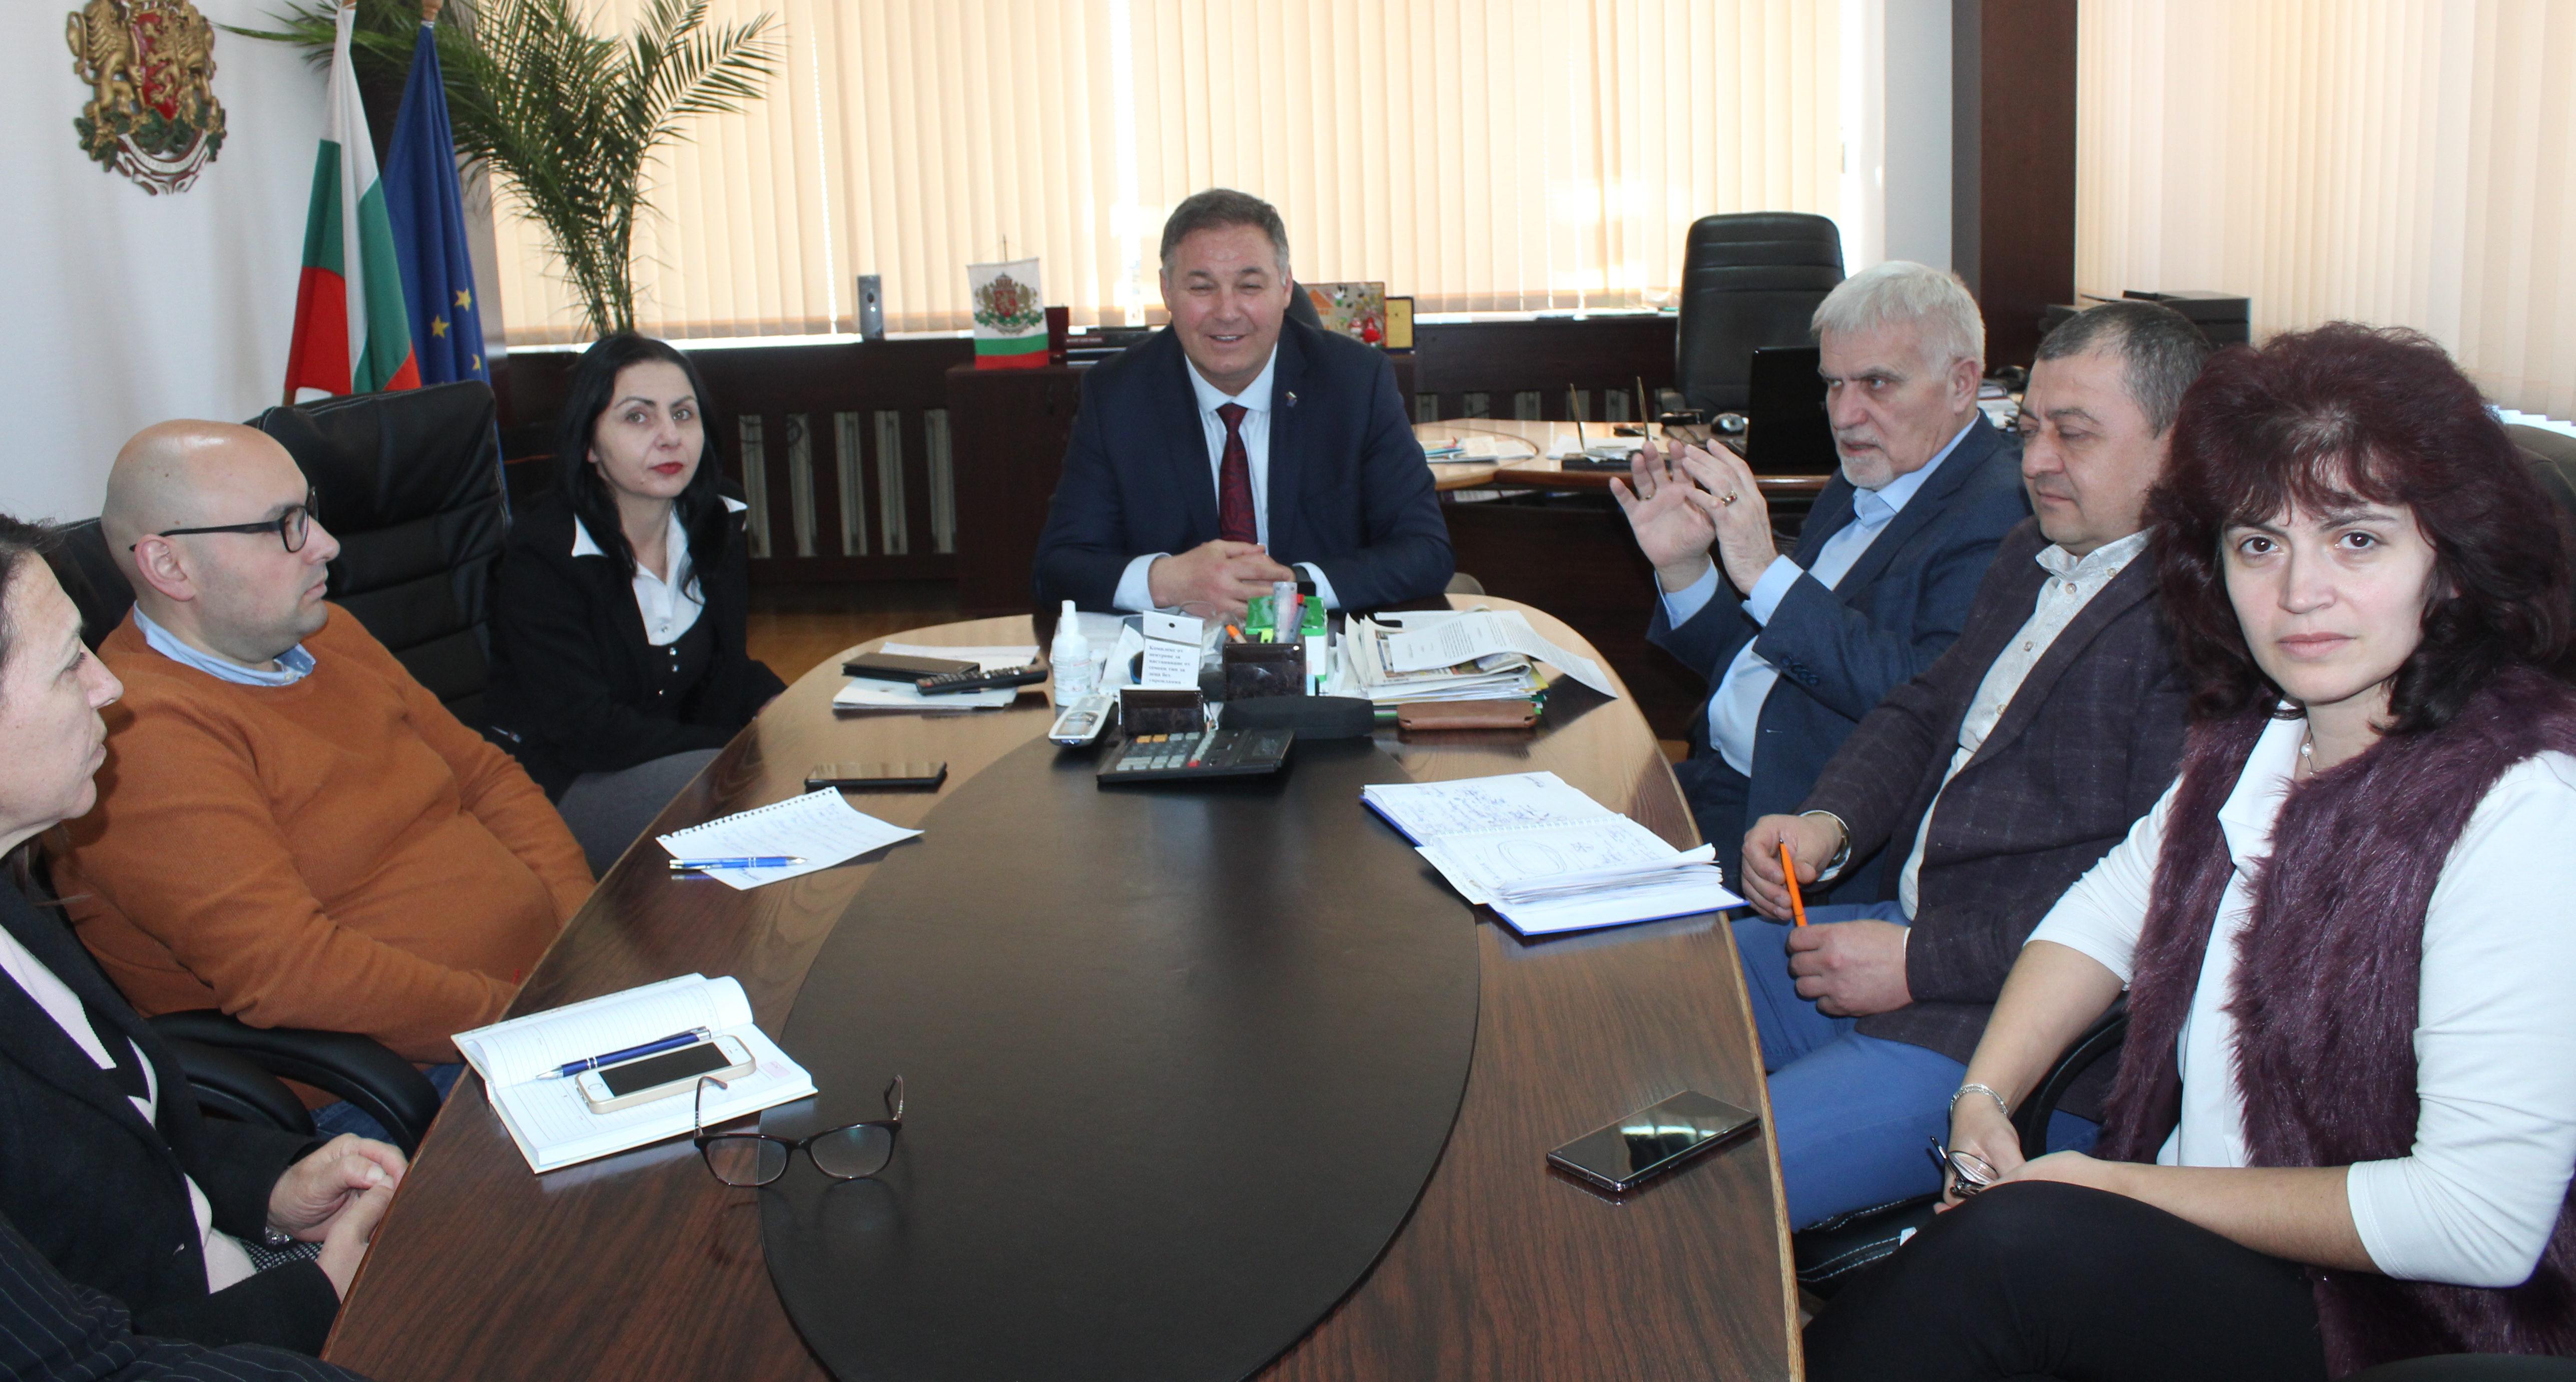 Областният управител Гюнай Хюсмен и кметът Денчо Бояд� ...